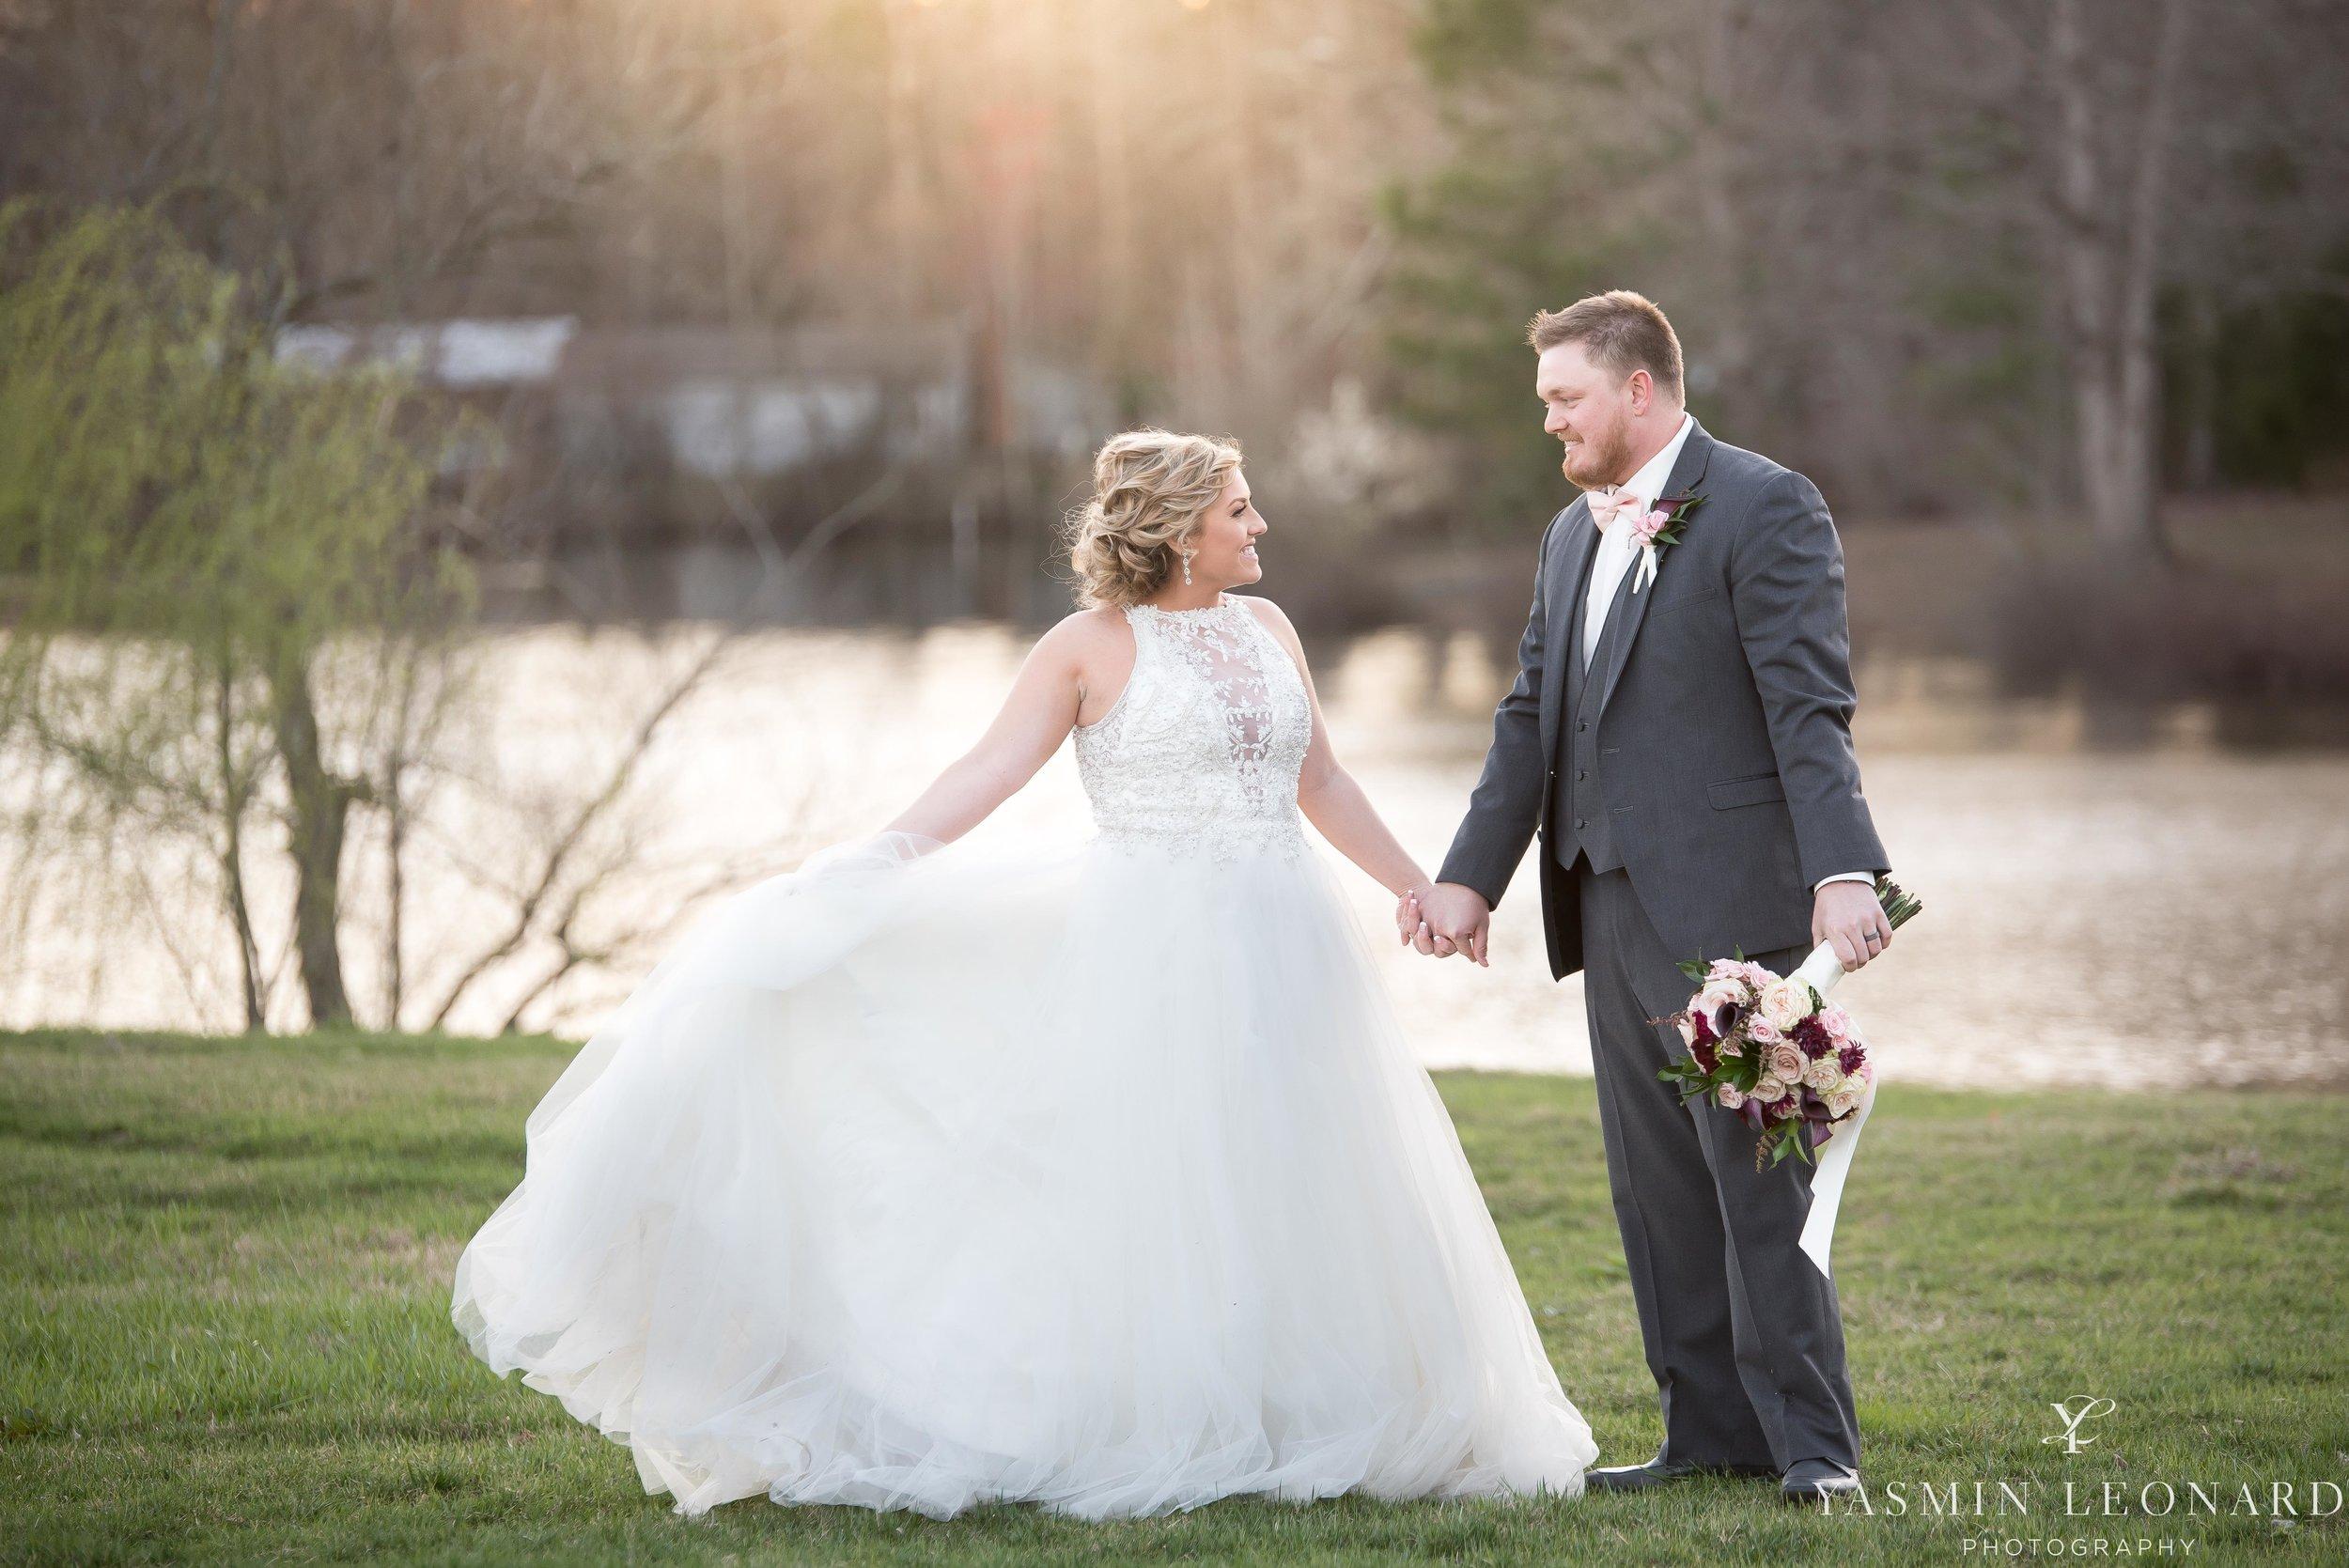 Millikan Farms - Millikan Farms Wedding - Sophia NC Wedding - NC Wedding - NC Wedding Photographer - Yasmin Leonard Photography - High Point Photographer - Barn Wedding - Wedding Venues in NC - Triad Wedding Photographer-67.jpg